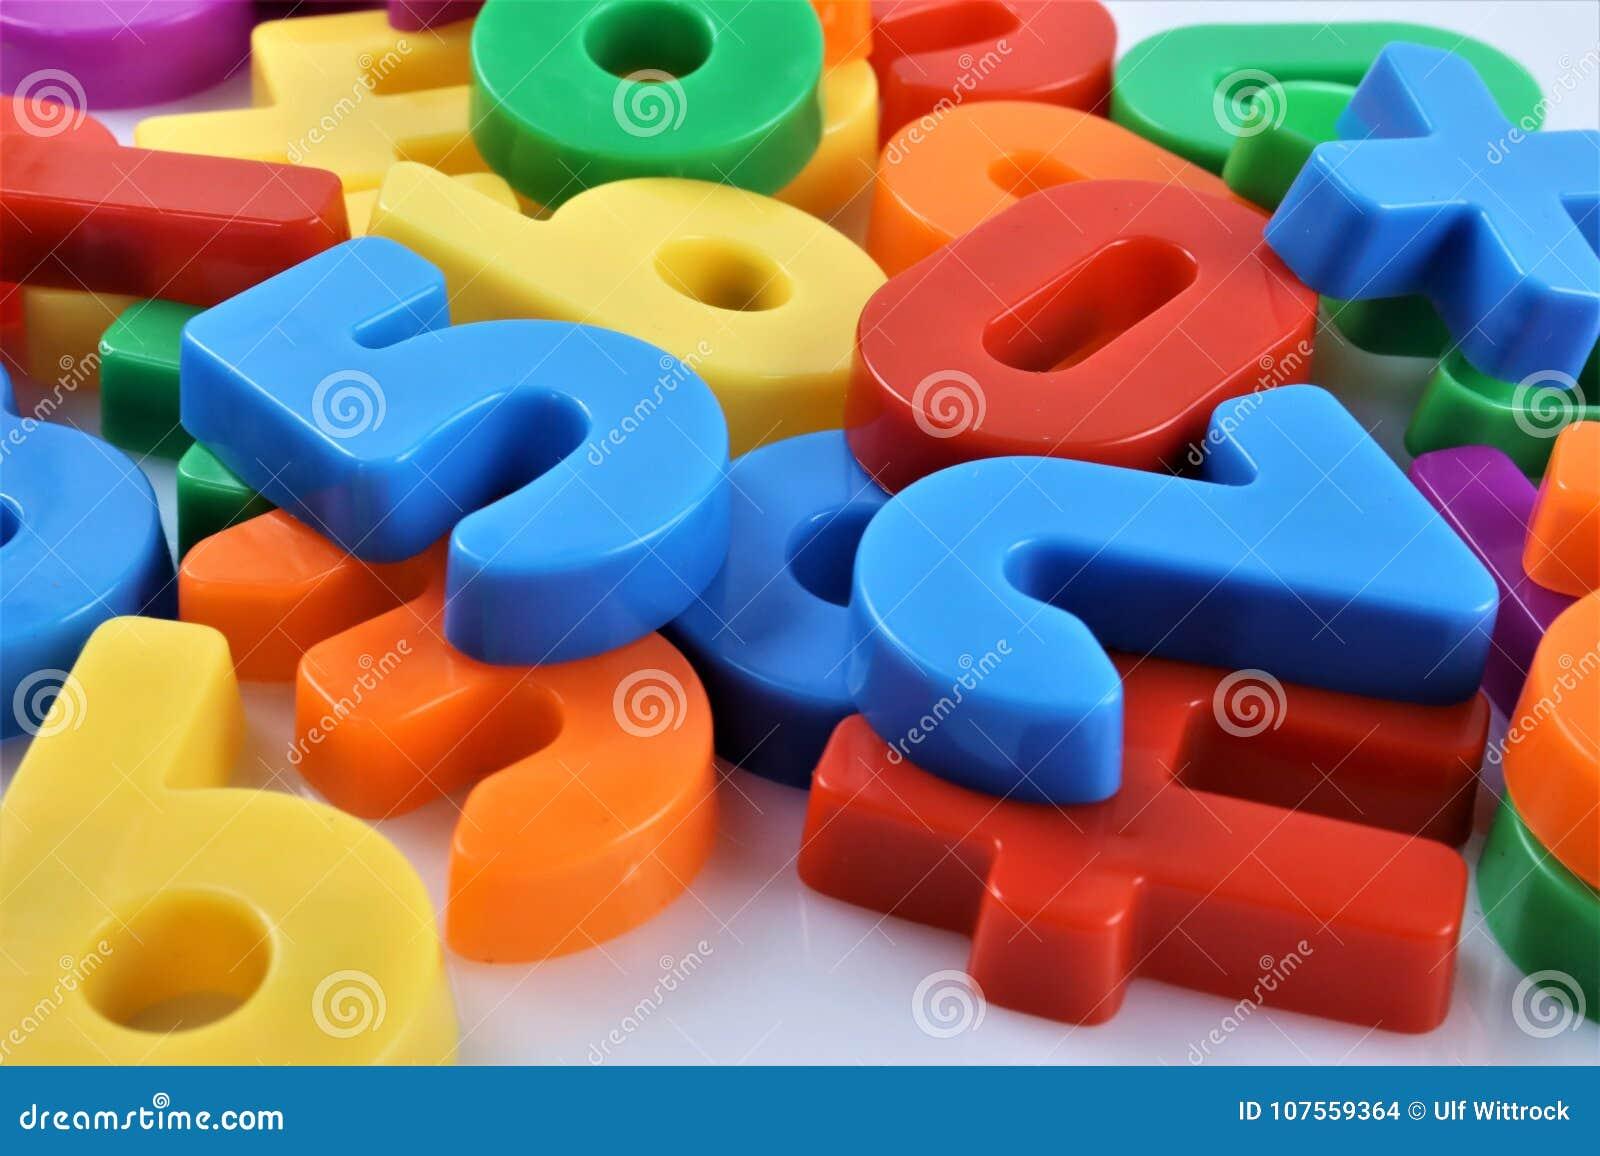 Une image de concept des nombres magnétiques